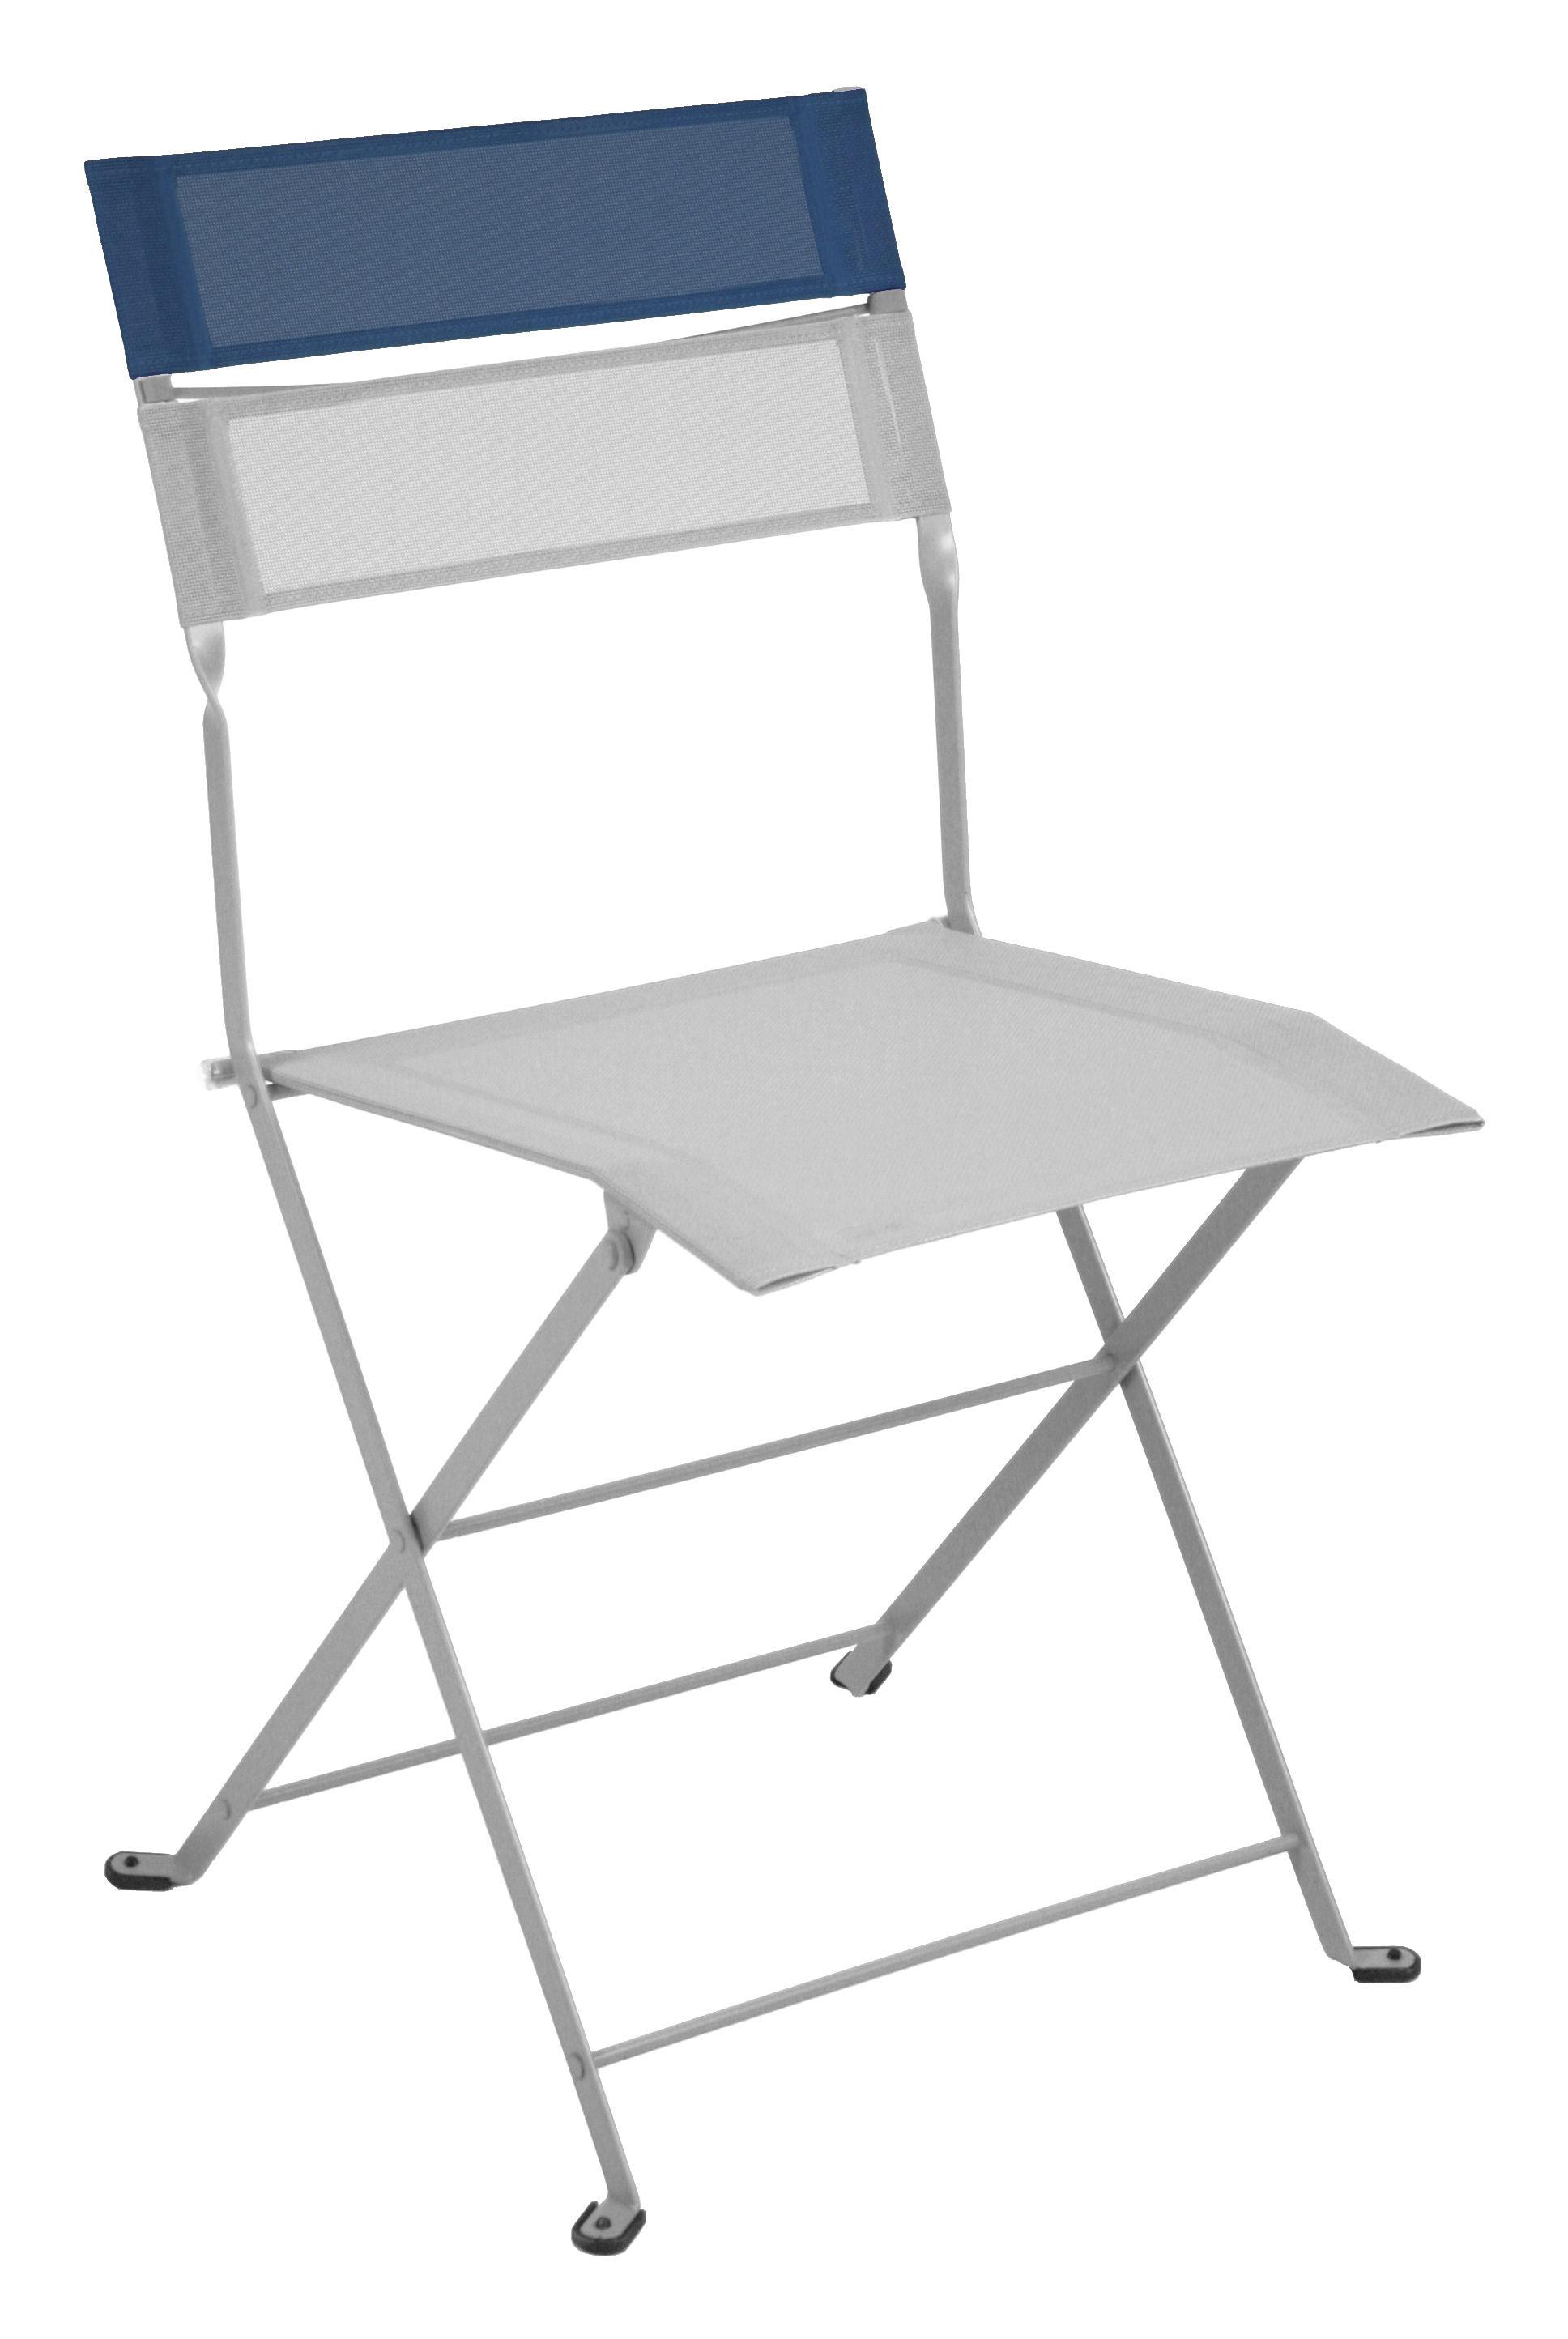 Chaise pliante latitude toile gris m tal bandeau bleu - Chaise pliante toile ...